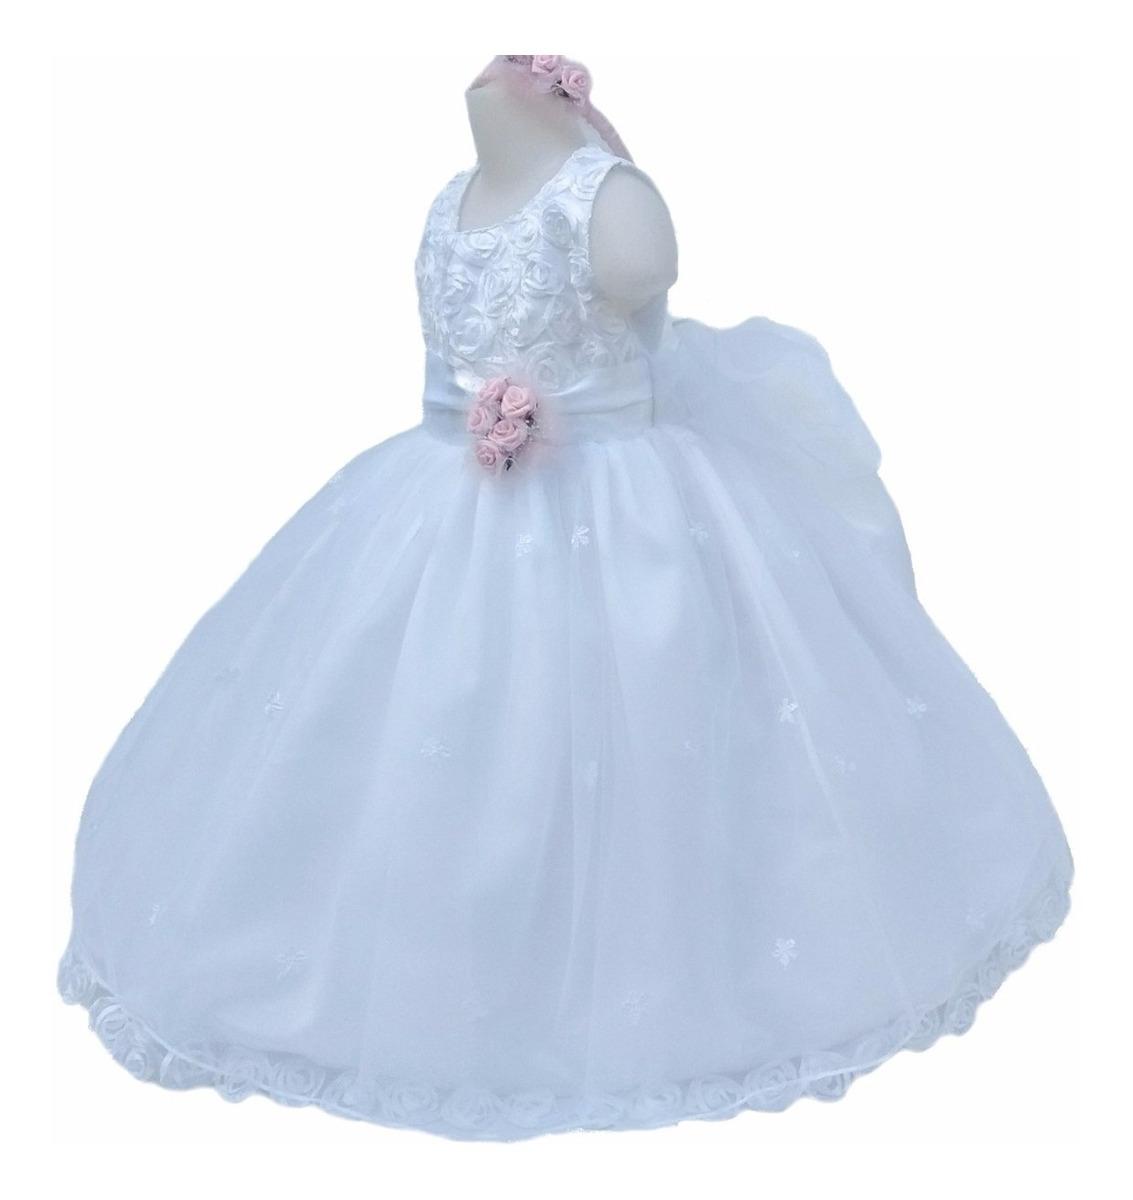 e689a0db5 Vestido Bautismo Tul Bordado Rosas Armado Con Vincha - $ 2.190,00 en ...